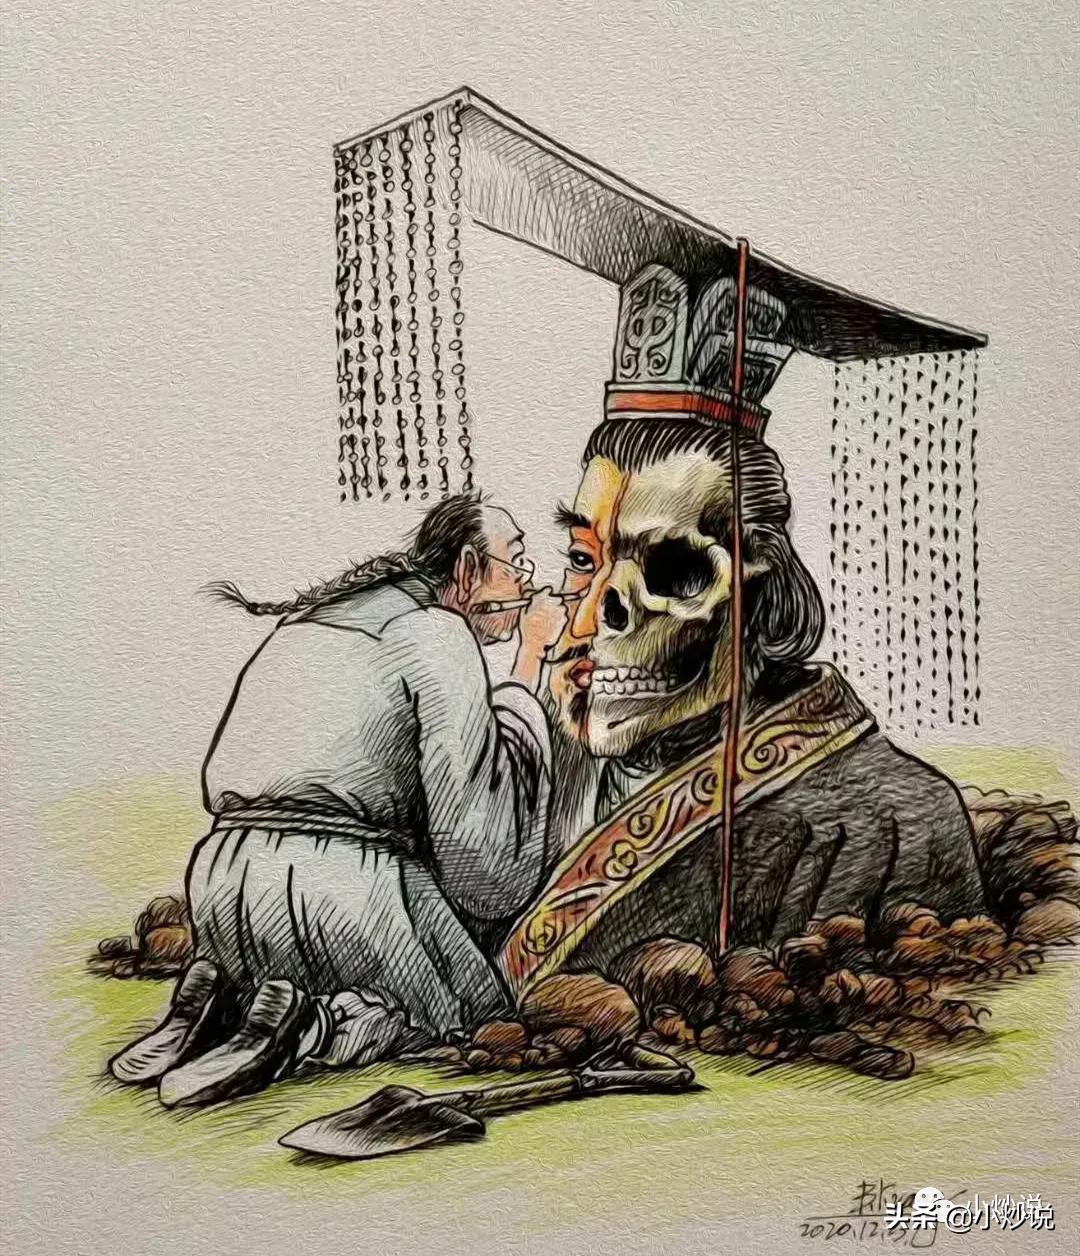 从《英雄》到《大秦赋》:彩的谎言掩盖不了血的历史